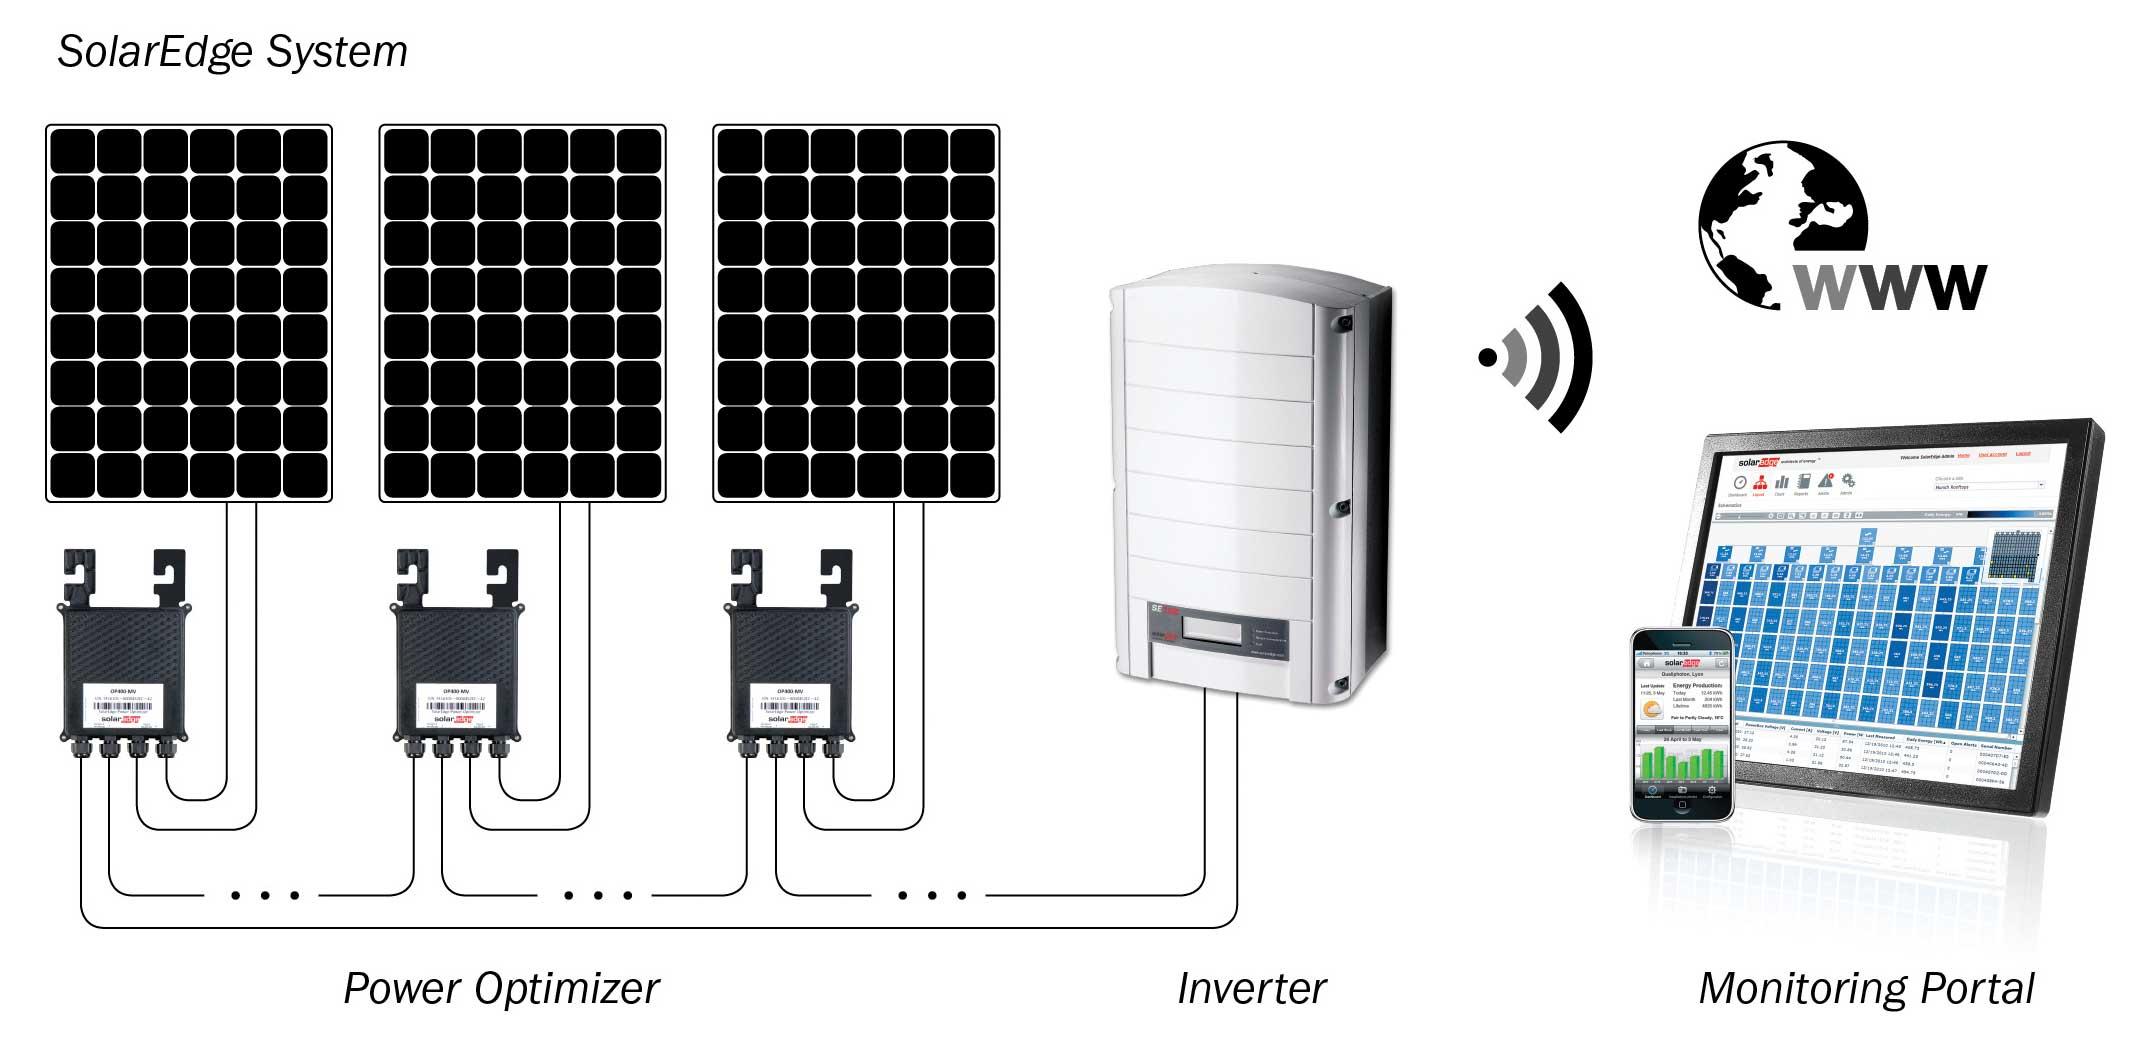 werking solaredge systeem